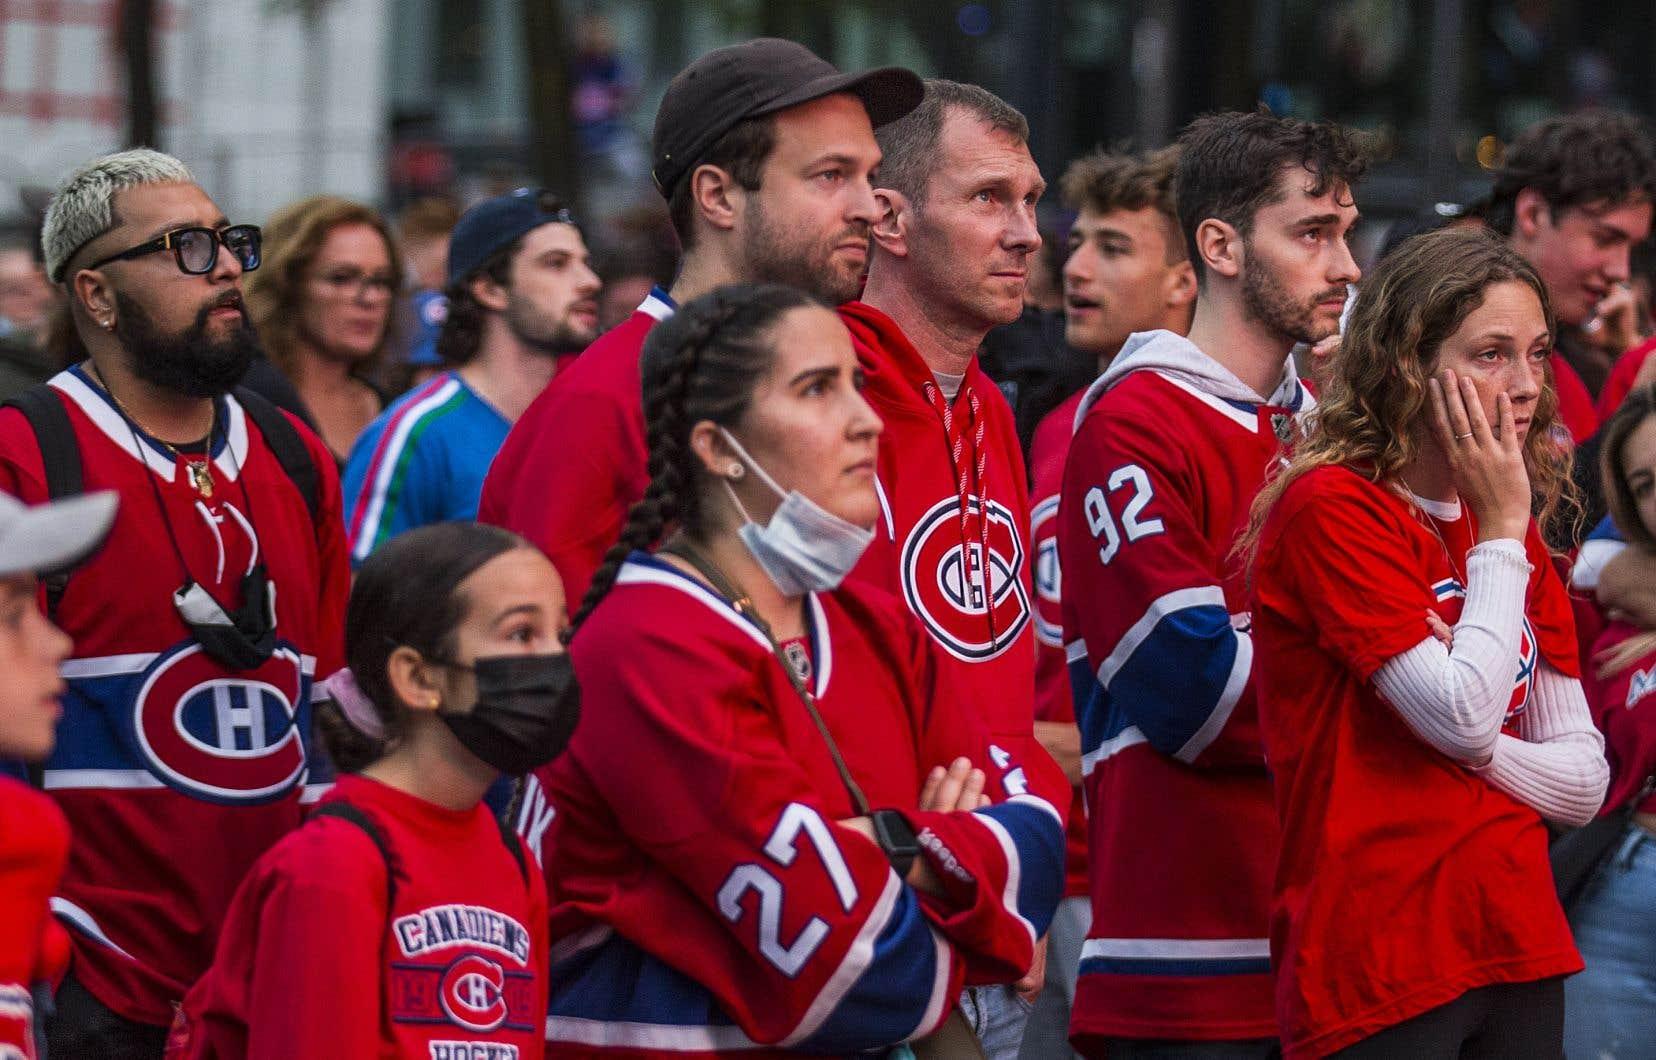 Le Canadien de Montréal peine à tailler sa place face au Lightning de Tampa Bay, qui mène cette série 2 à 0. Les partisans du Tricolore, cependant, gardent la tête haute.